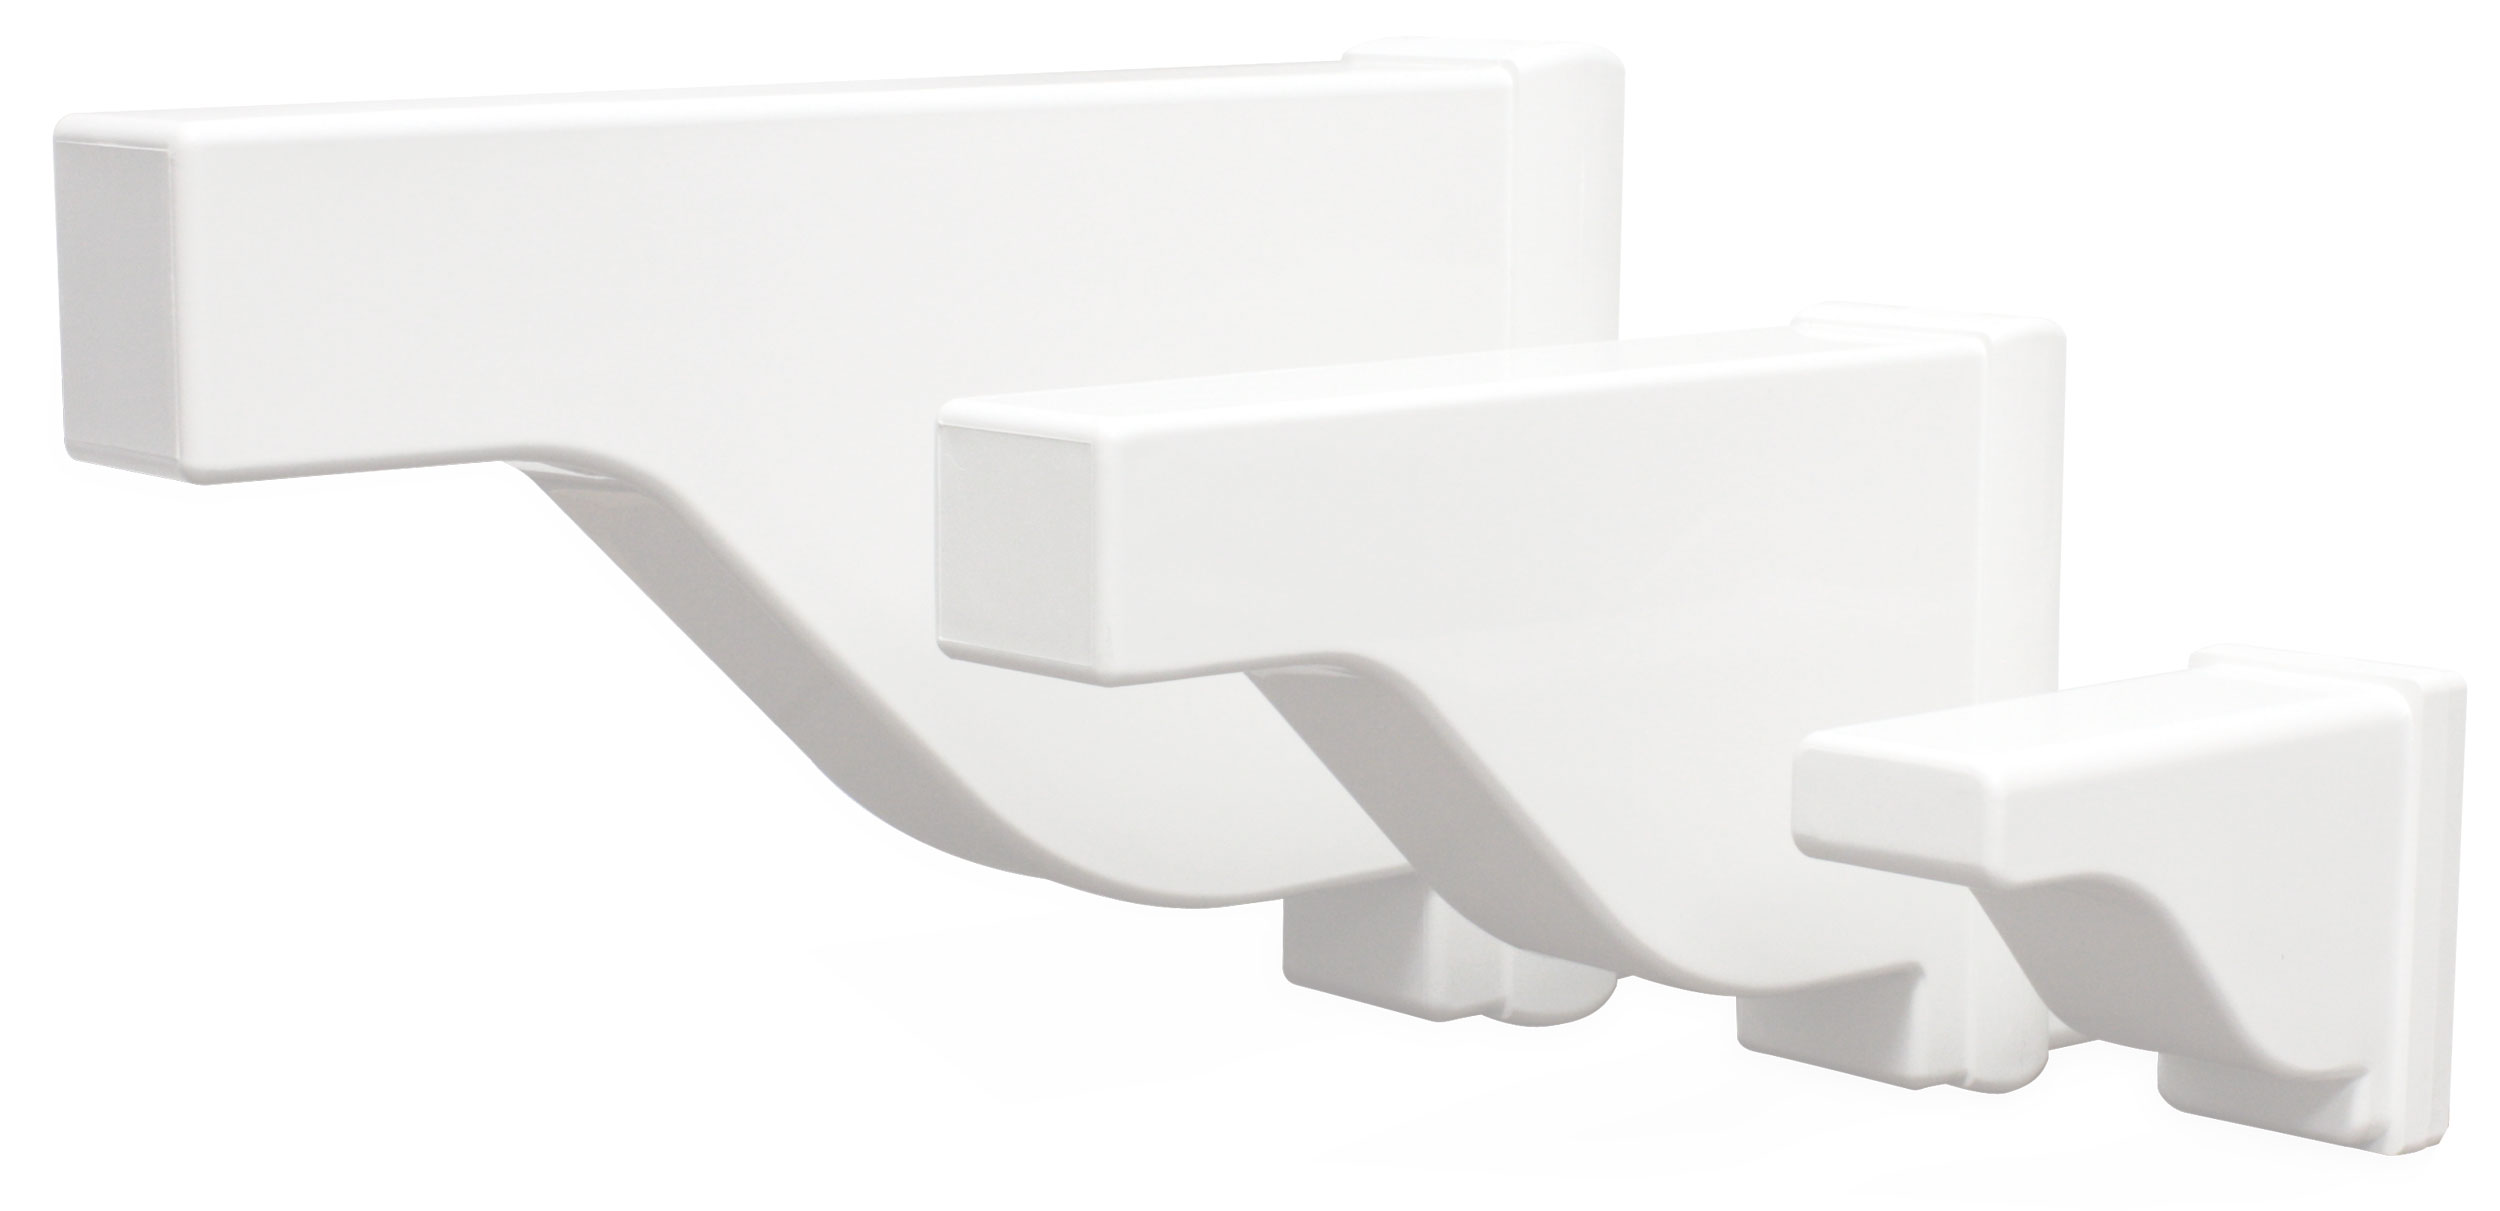 Vinyl Pergola Fairway Architectural Railing Solutions